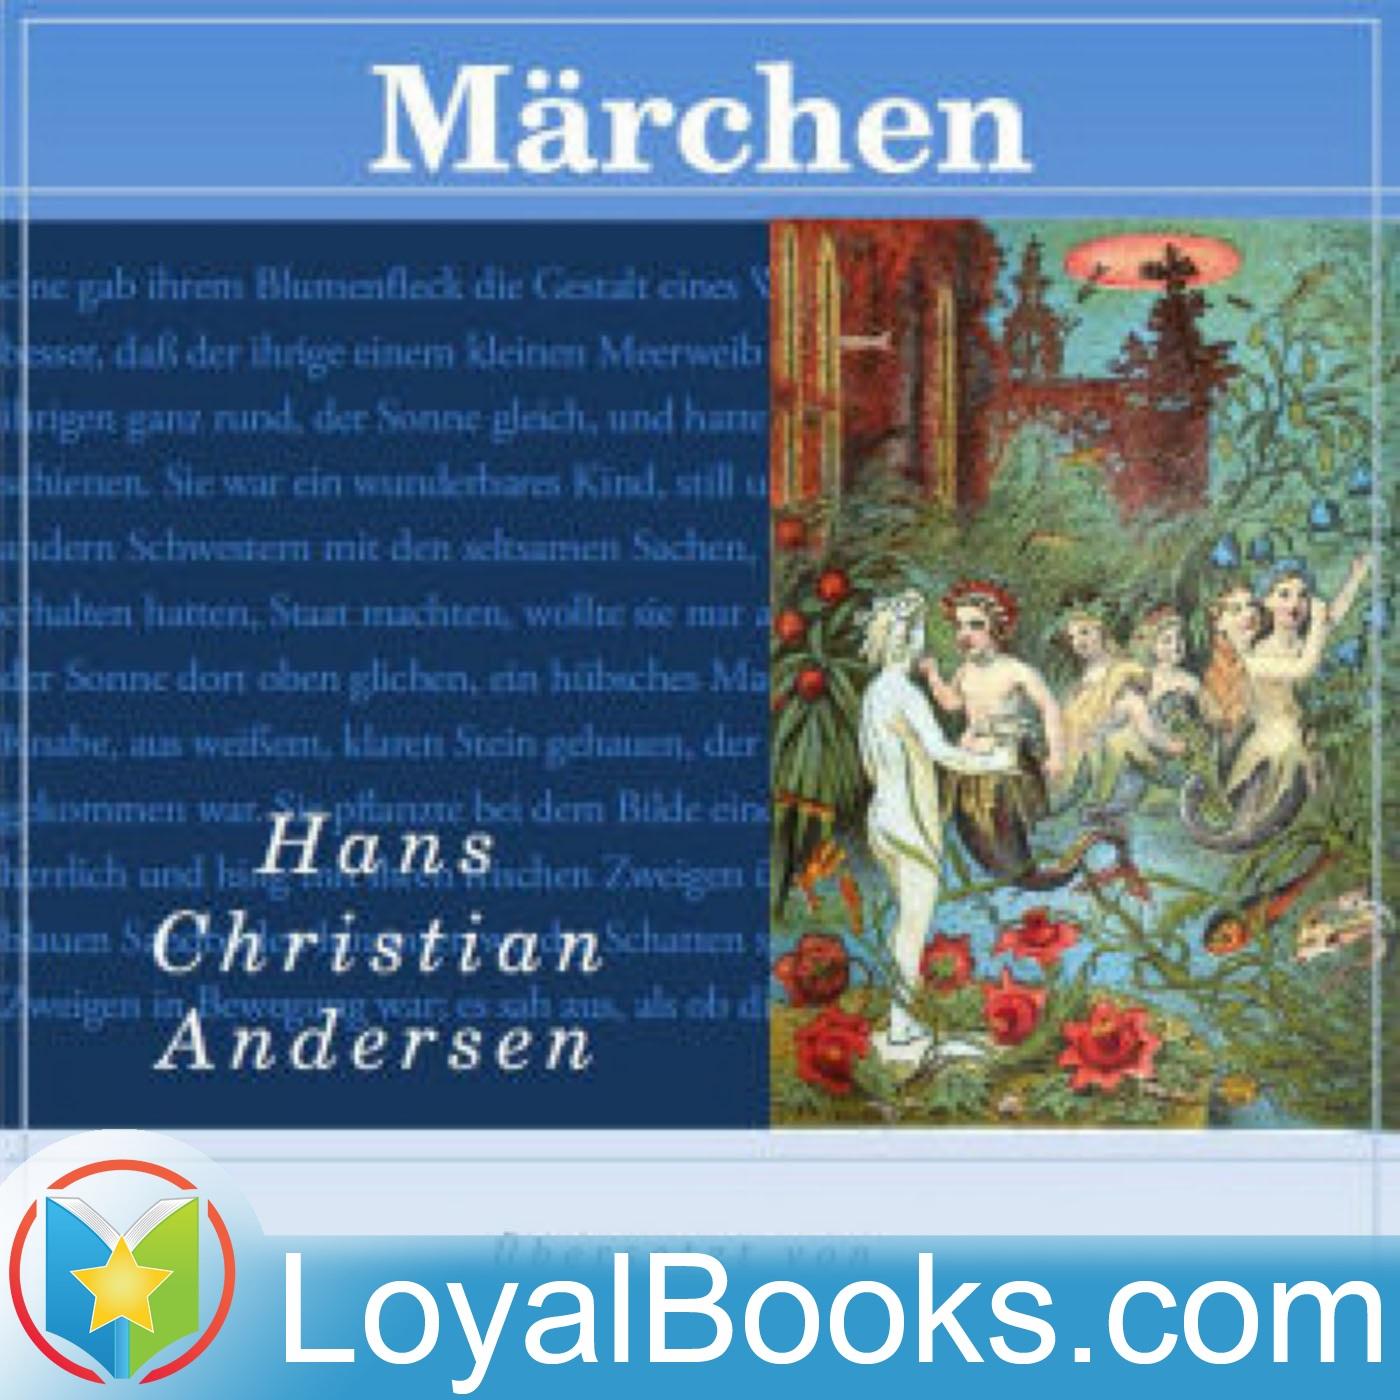 <![CDATA[Märchen by Hans Christian Andersen]]>